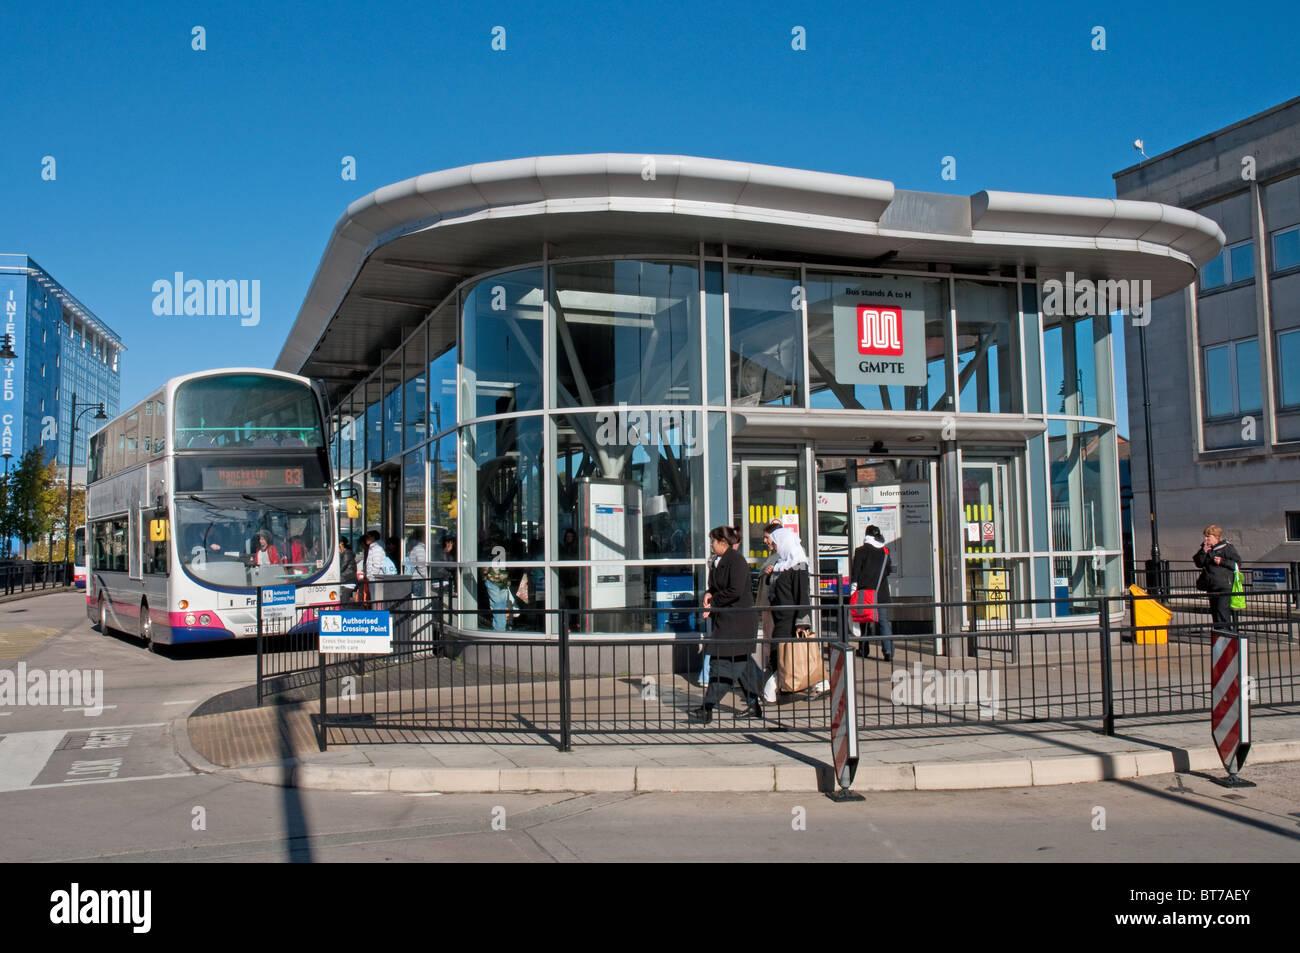 SONIA: Bus Staiion